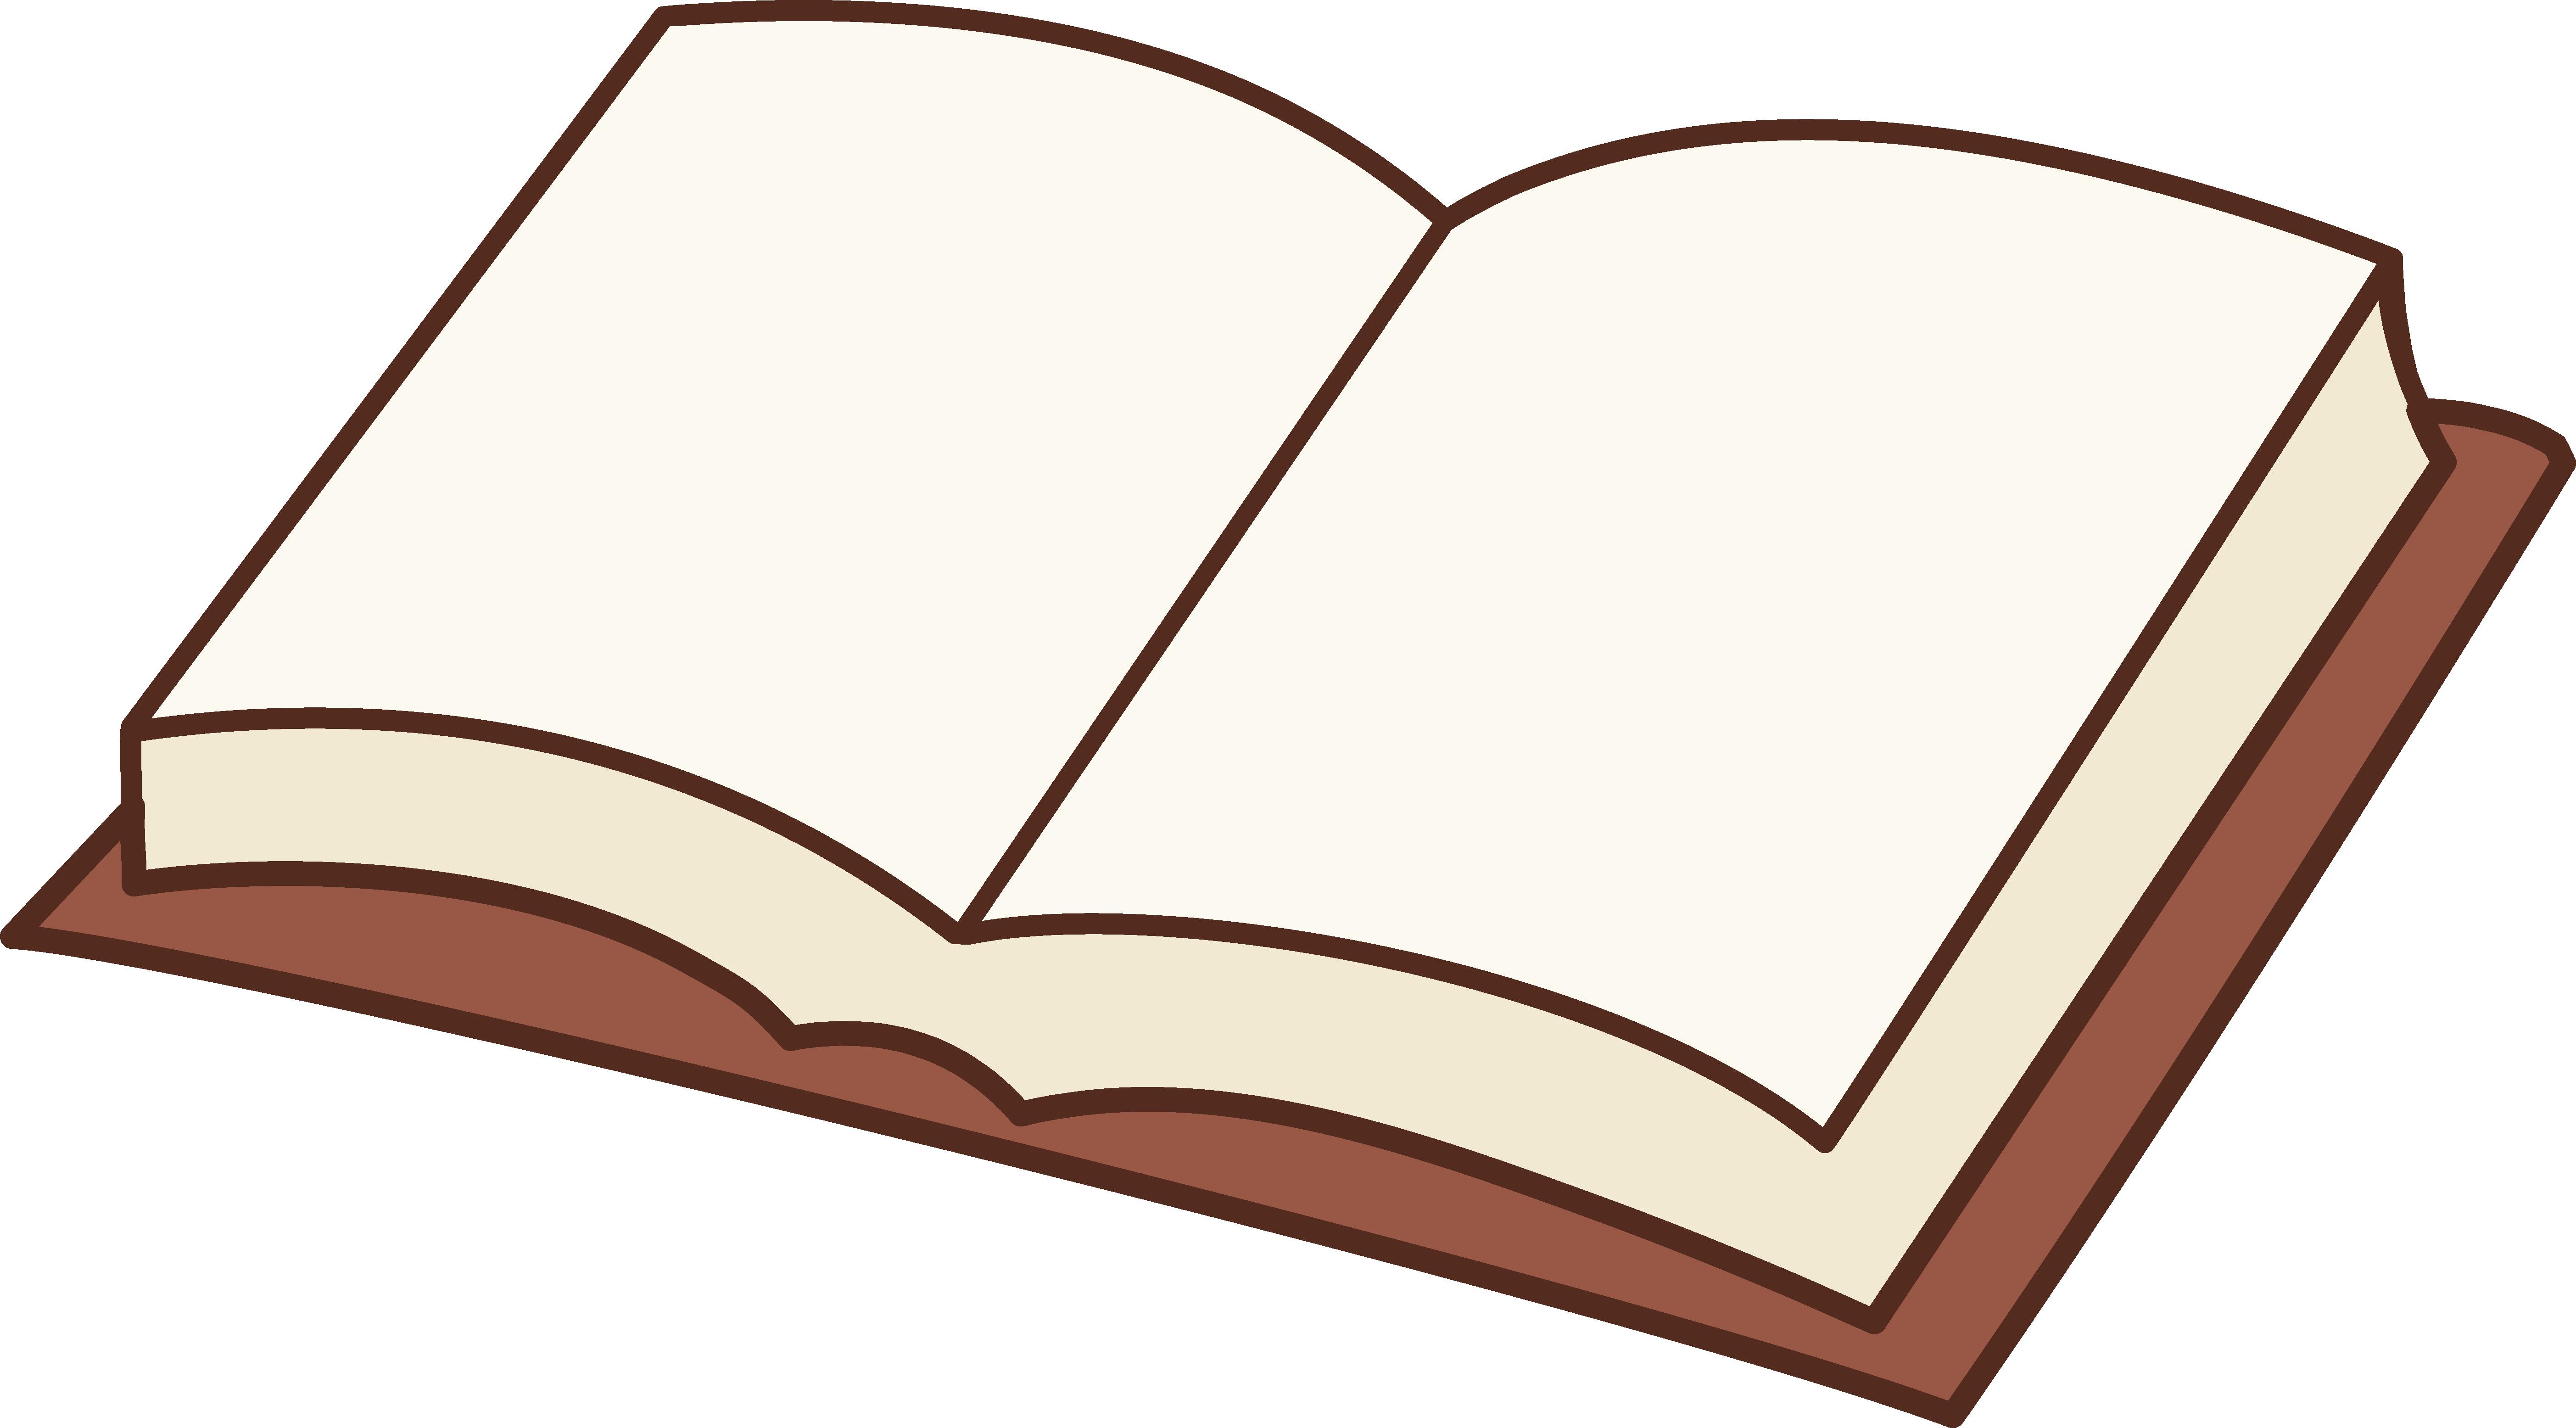 5613x3111 Open Book Clip Art